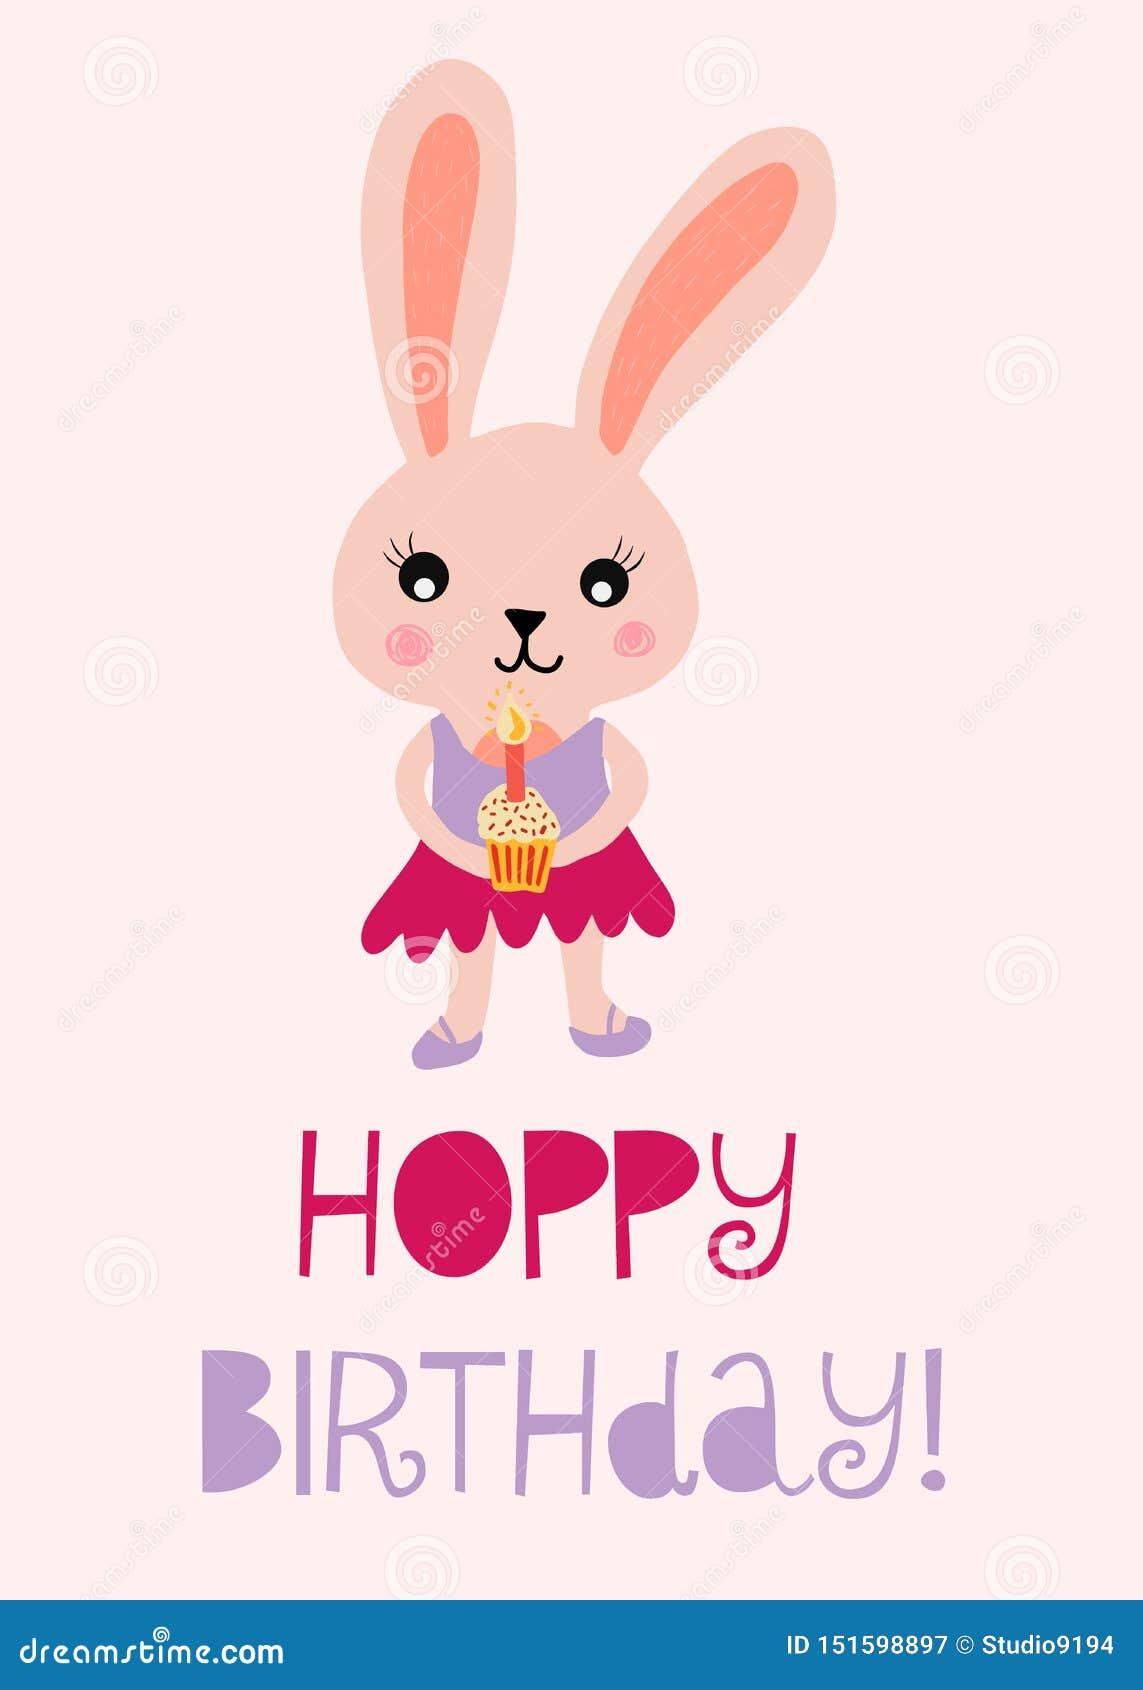 Ejemplo lindo del vector del conejito del feliz cumpleaños para la tarjeta de cumpleaños de los niños Cumpleaños de lúpulo con el